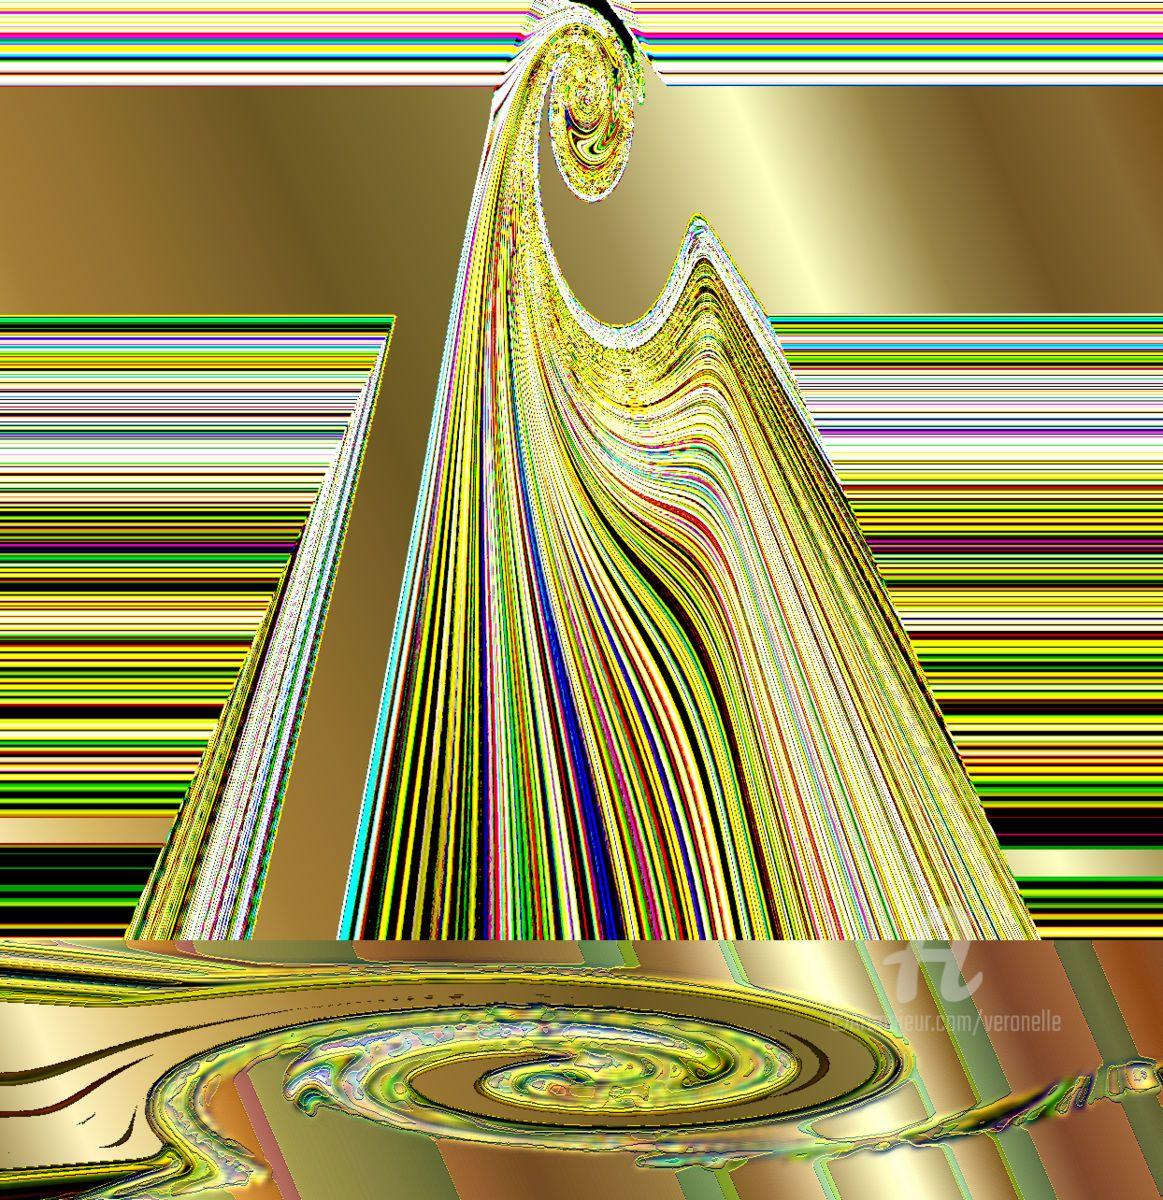 Effet reflet Arts numériques par Veronelle Artmajeur